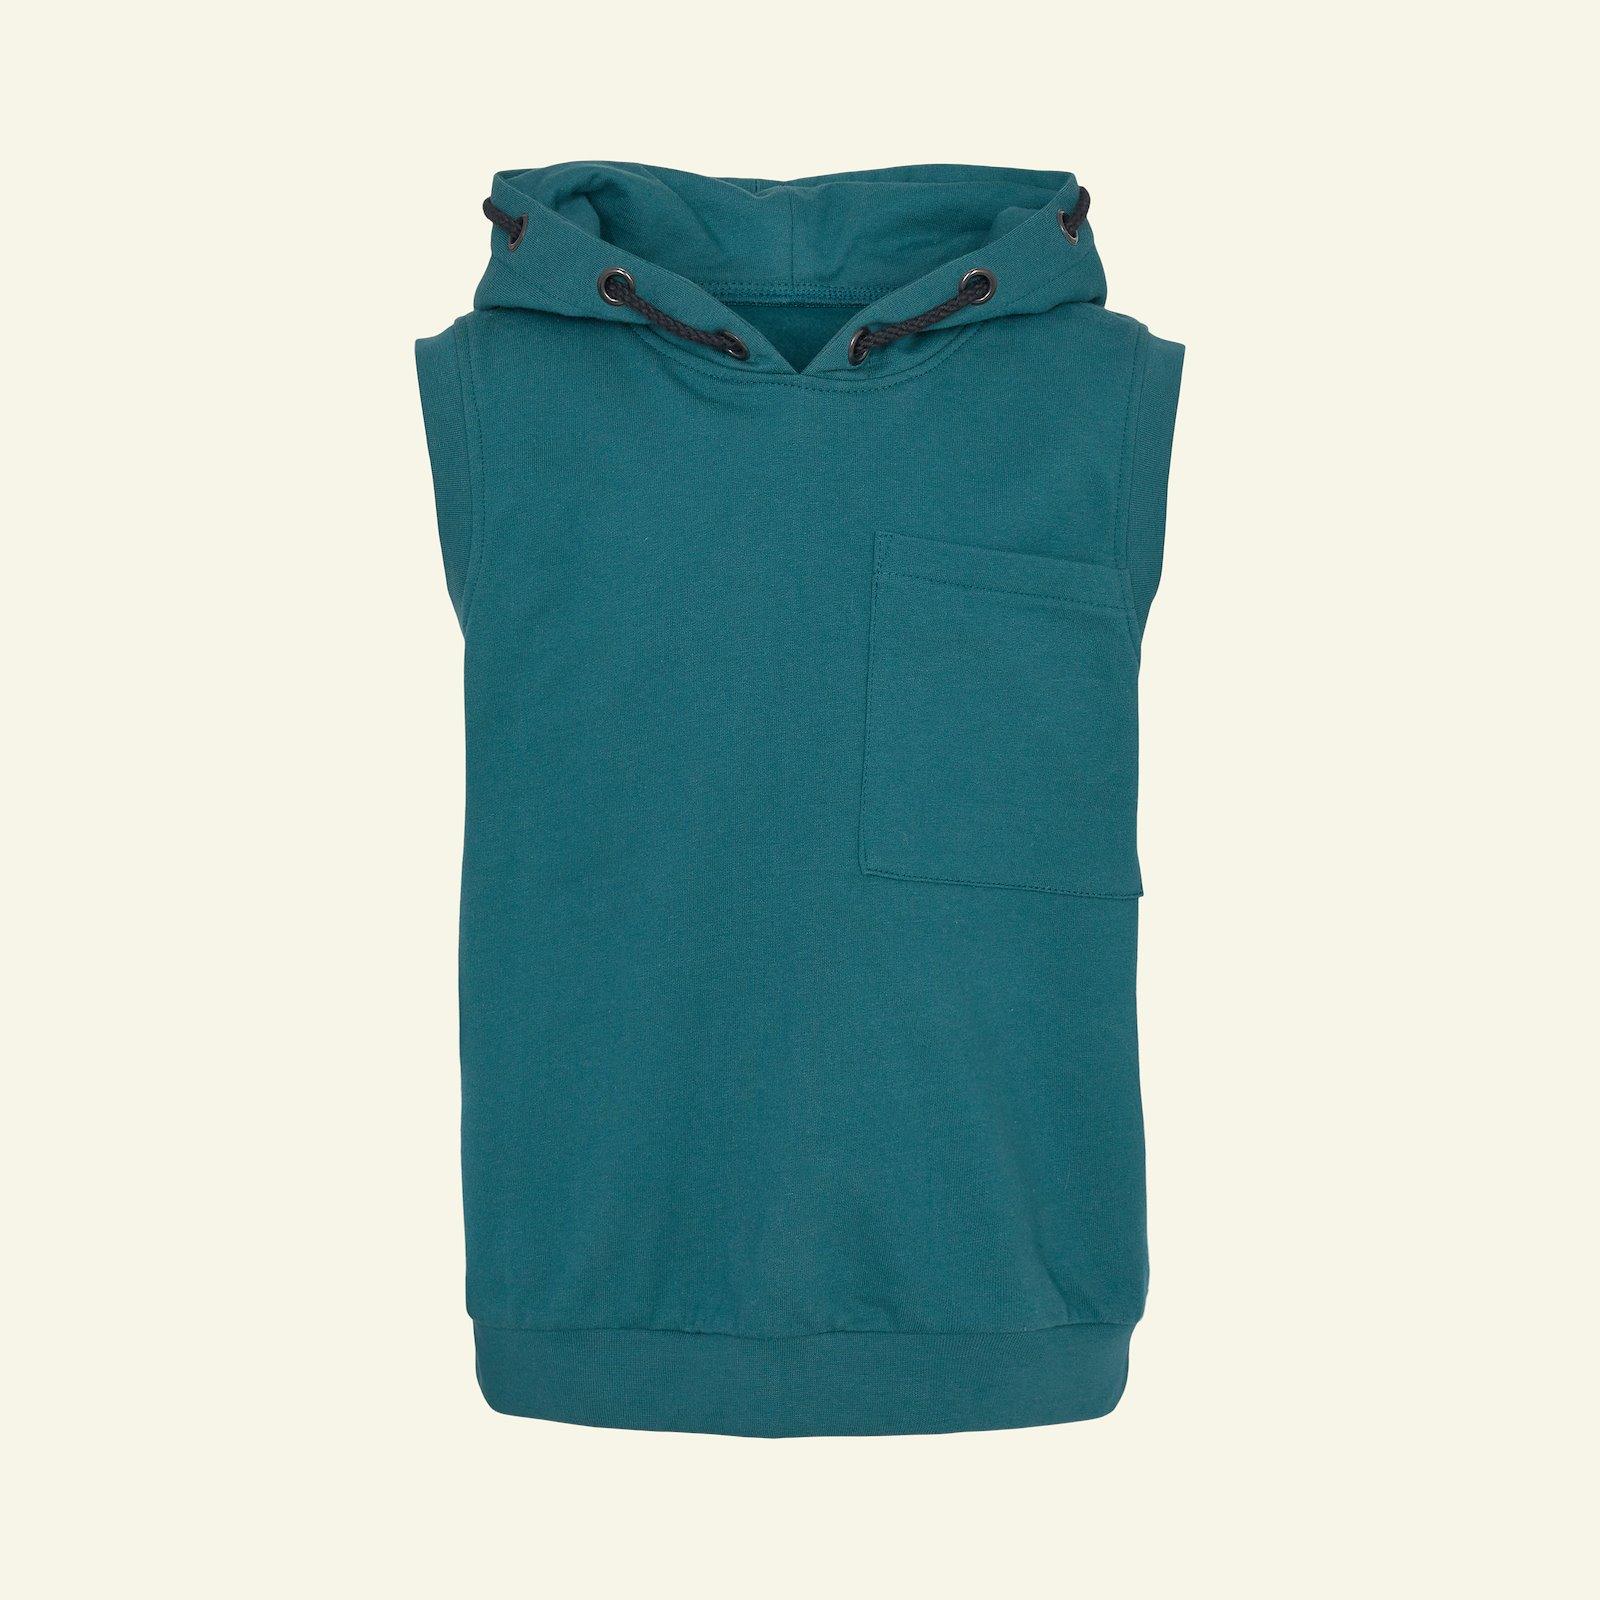 Hoodie waistcoat, 104/4y p62021_211775_75243_sskit